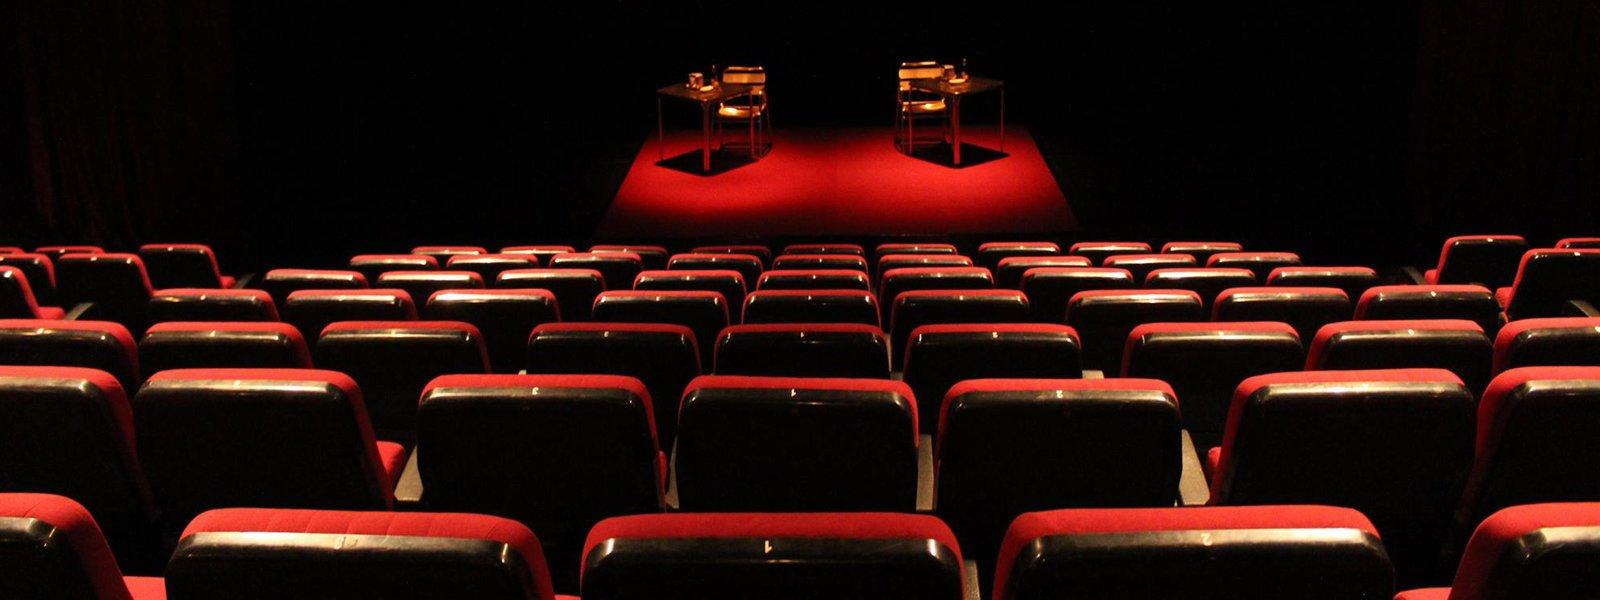 Teatre Micalet, localització per a la representació d'espectacles